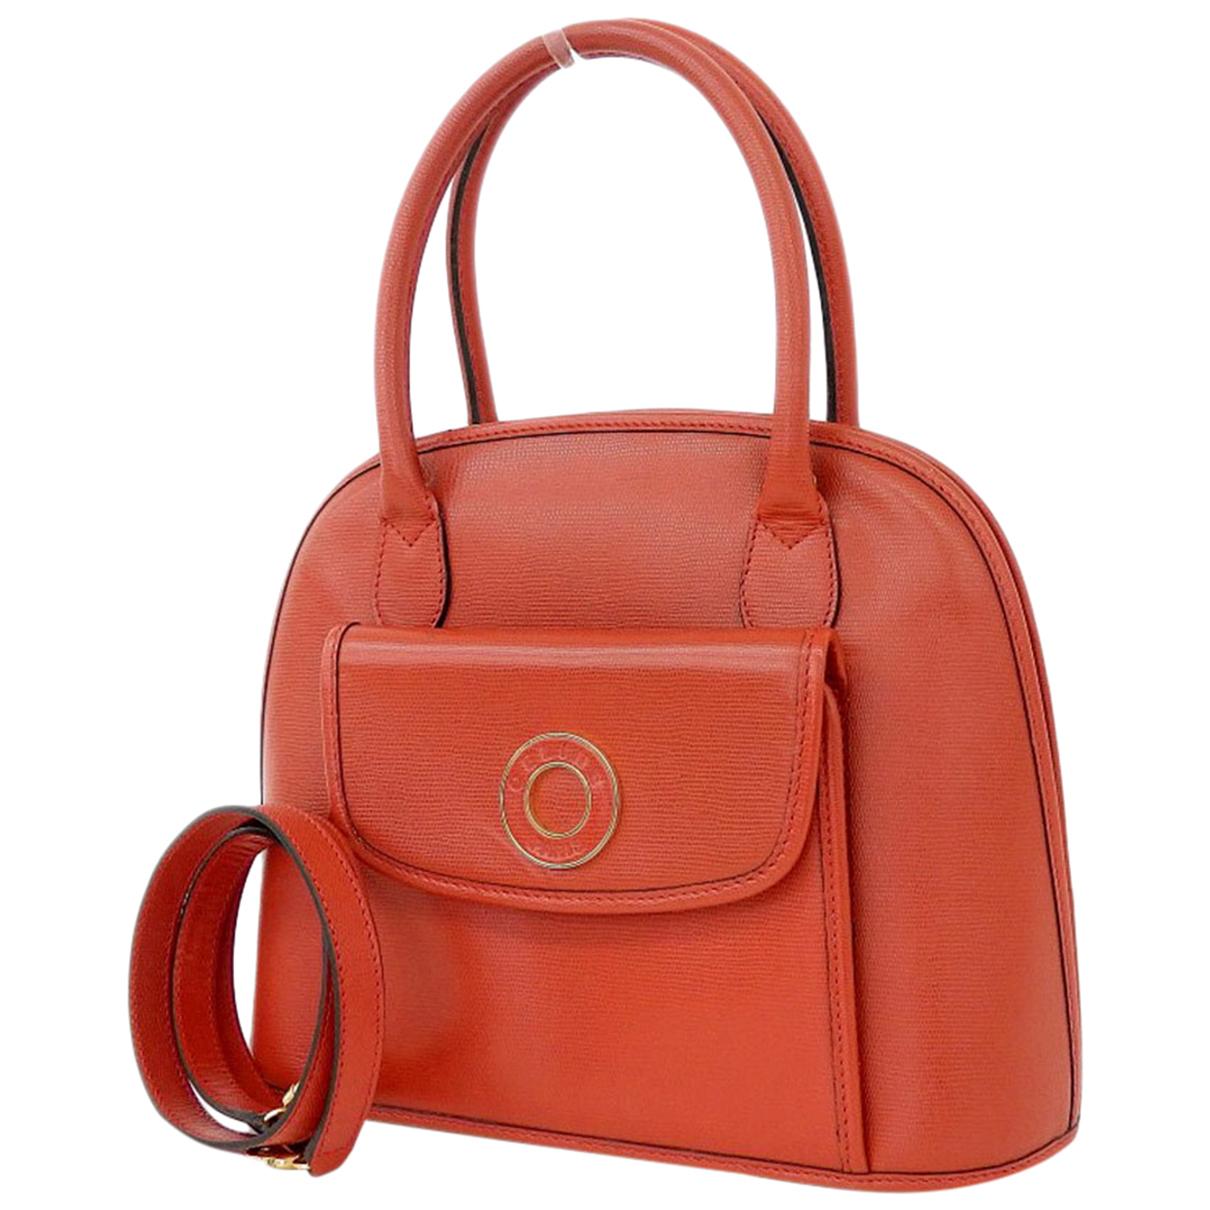 Celine \N Red Leather handbag for Women \N